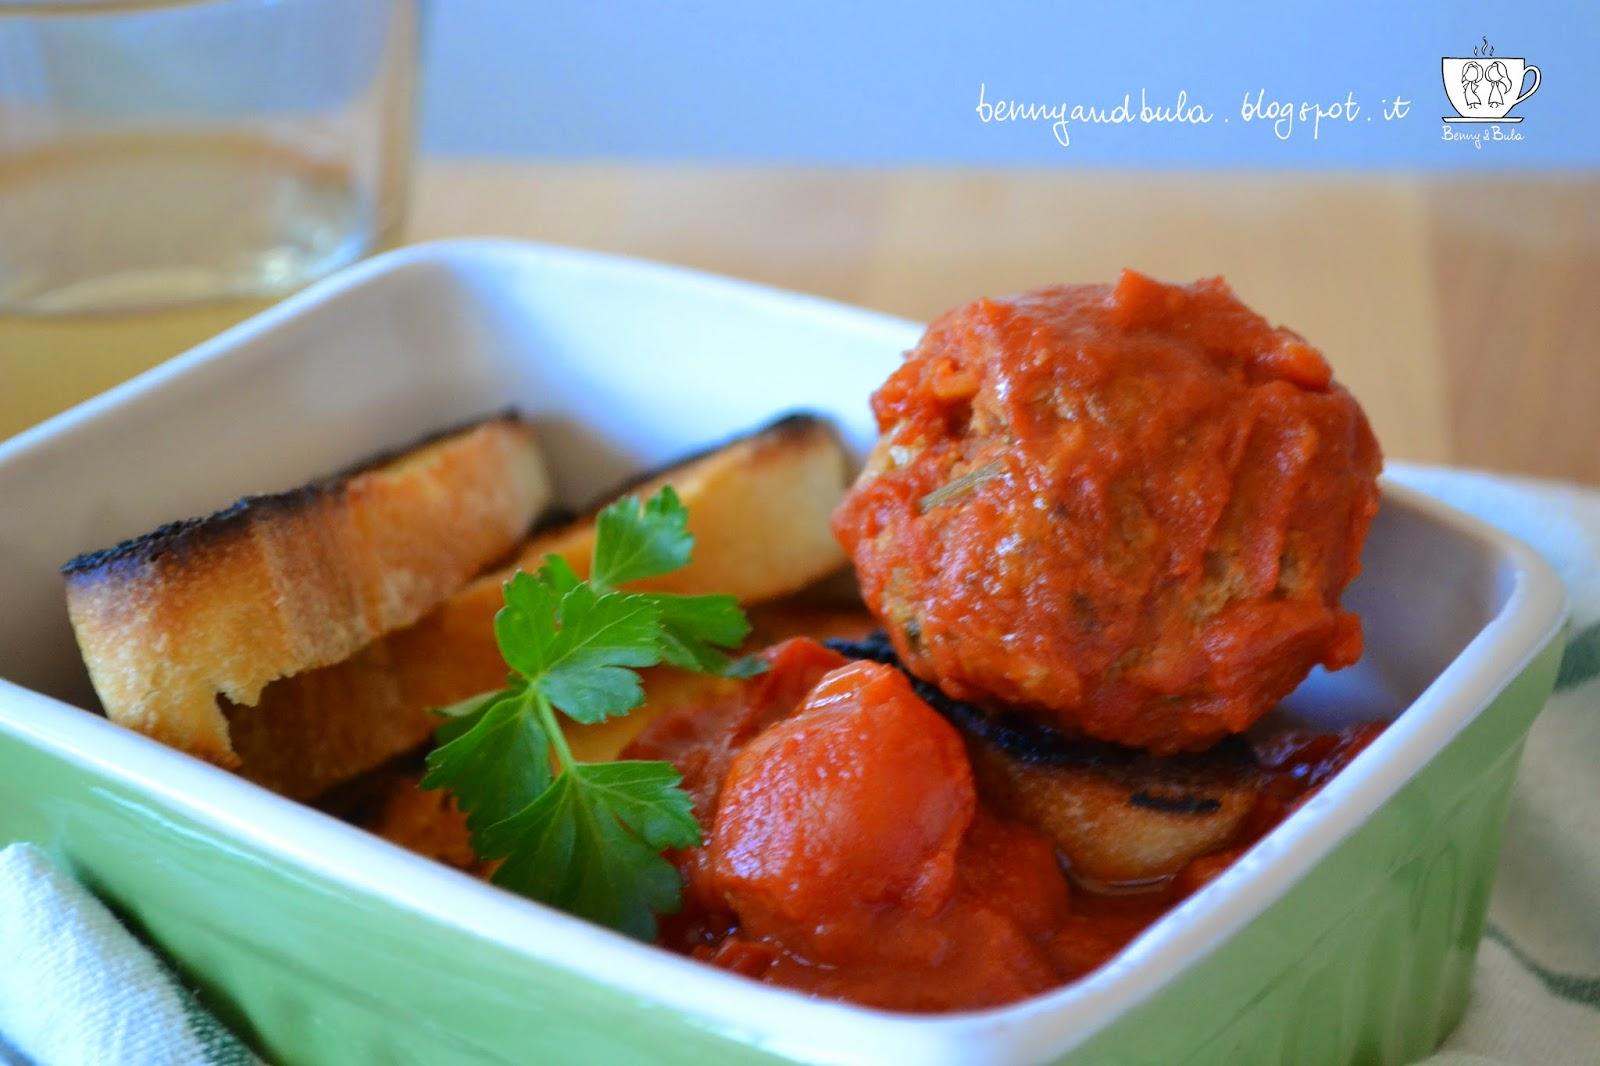 ricetta polpette al sugo/ meat balls with tomato sauce recipe